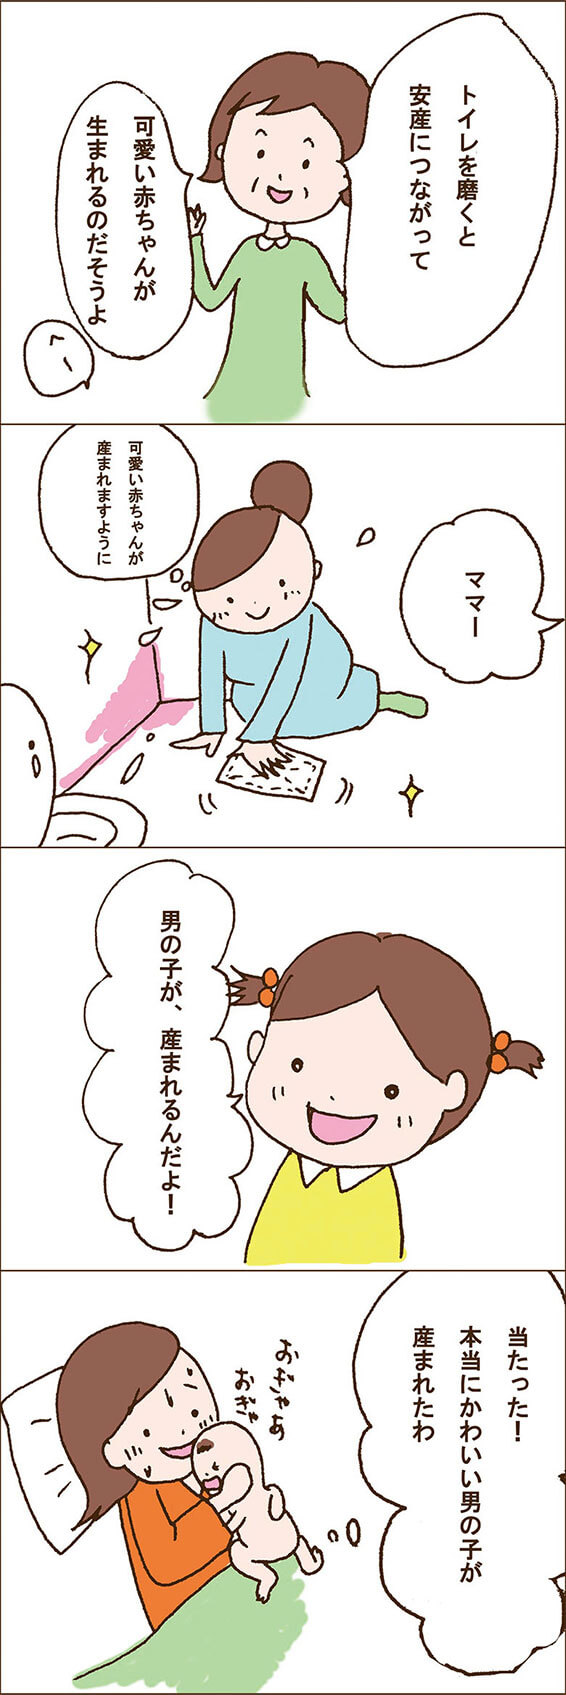 妊娠中の不思議体験4コマ漫画